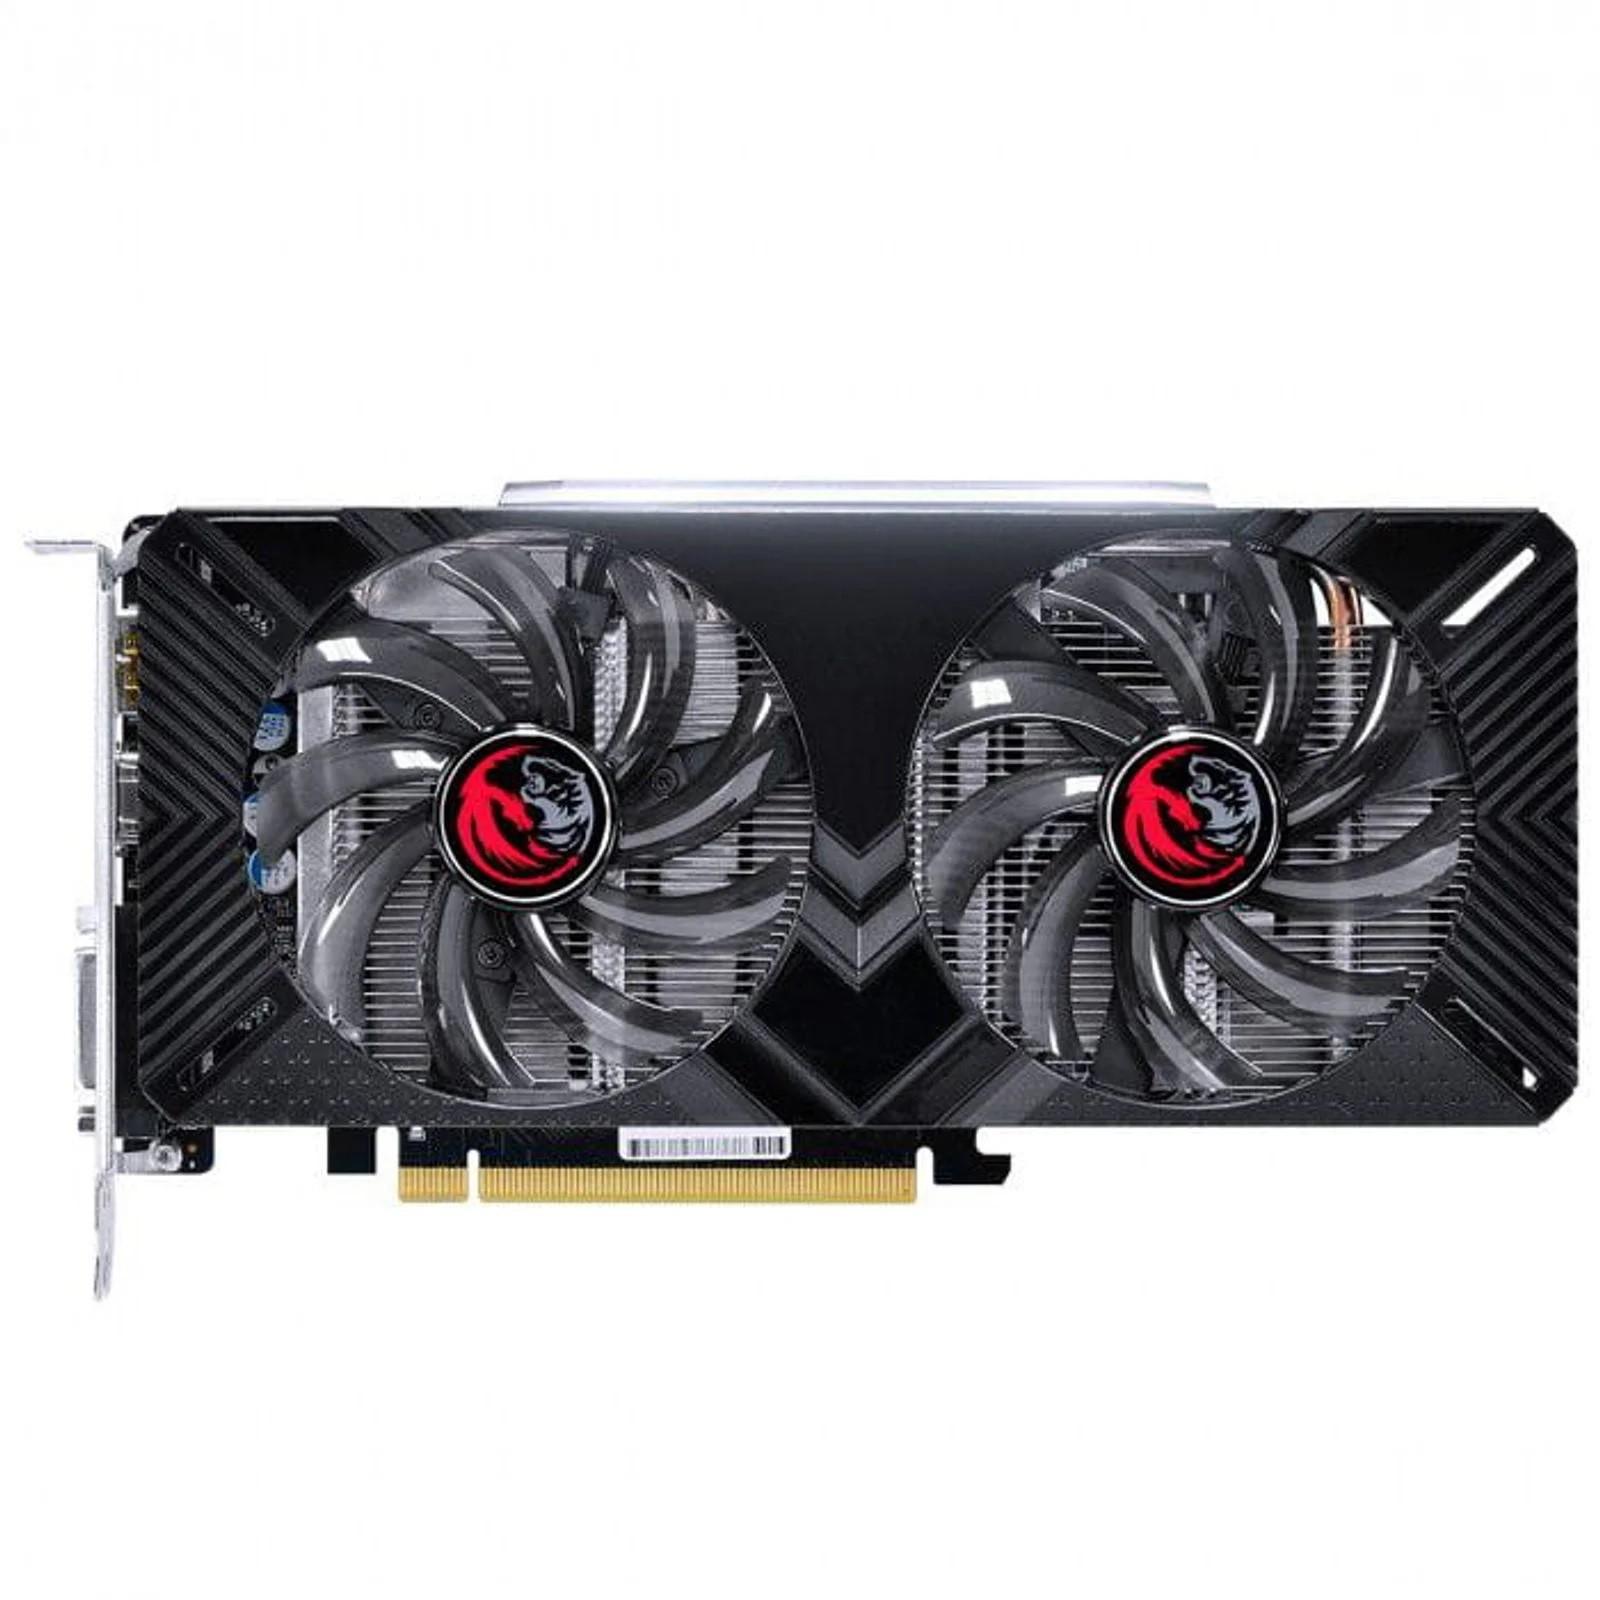 Placa de Video Pcyes Nvidia Geforce GTX1660 OC GDDR5 6GB 192 Bits - PPOC166019206G5